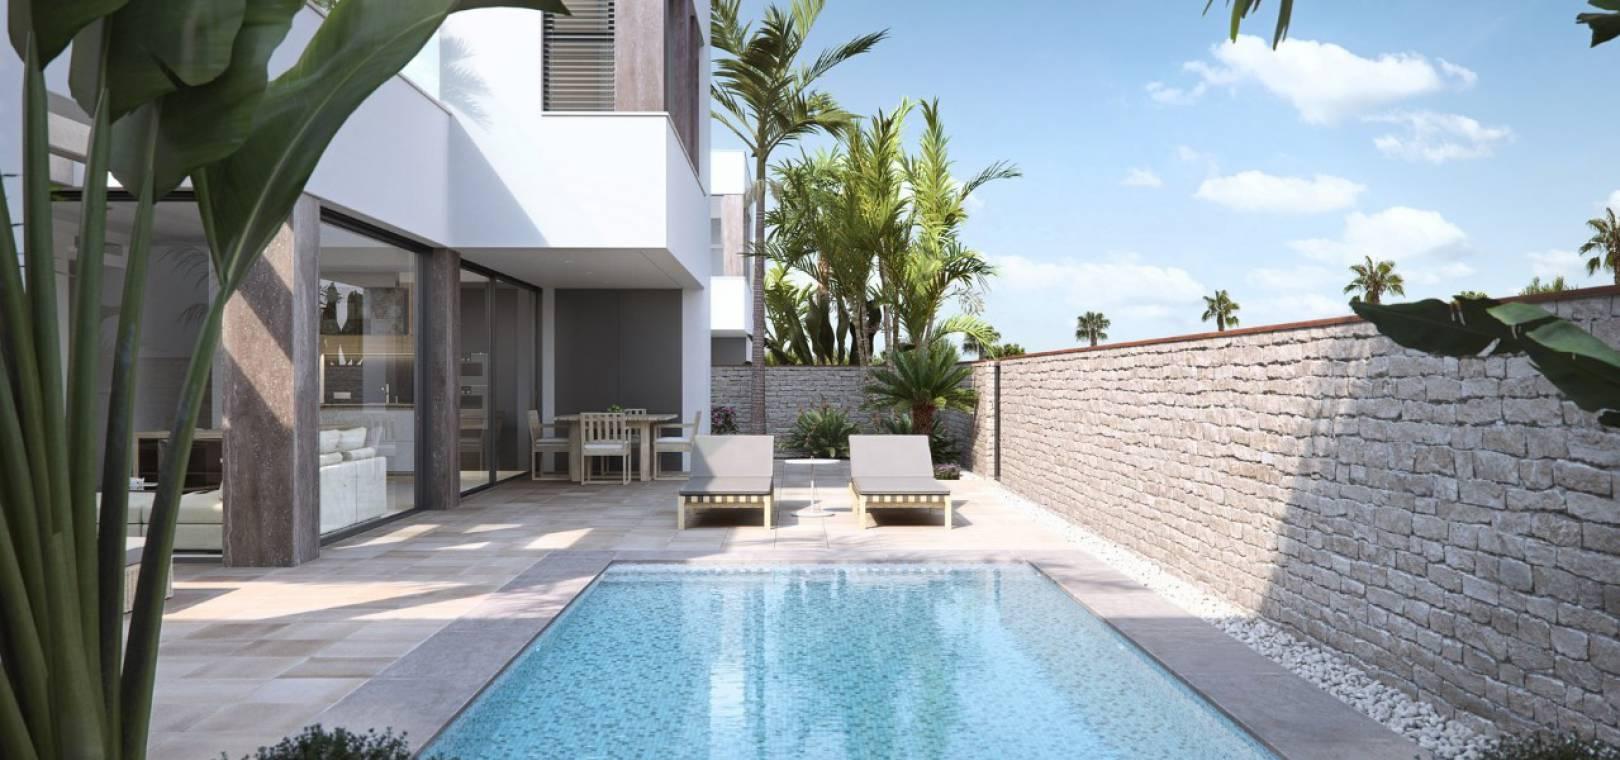 Torre_de_la_Horadada_New_Build_Luxury_Villas_For_Sale_nsp257_5